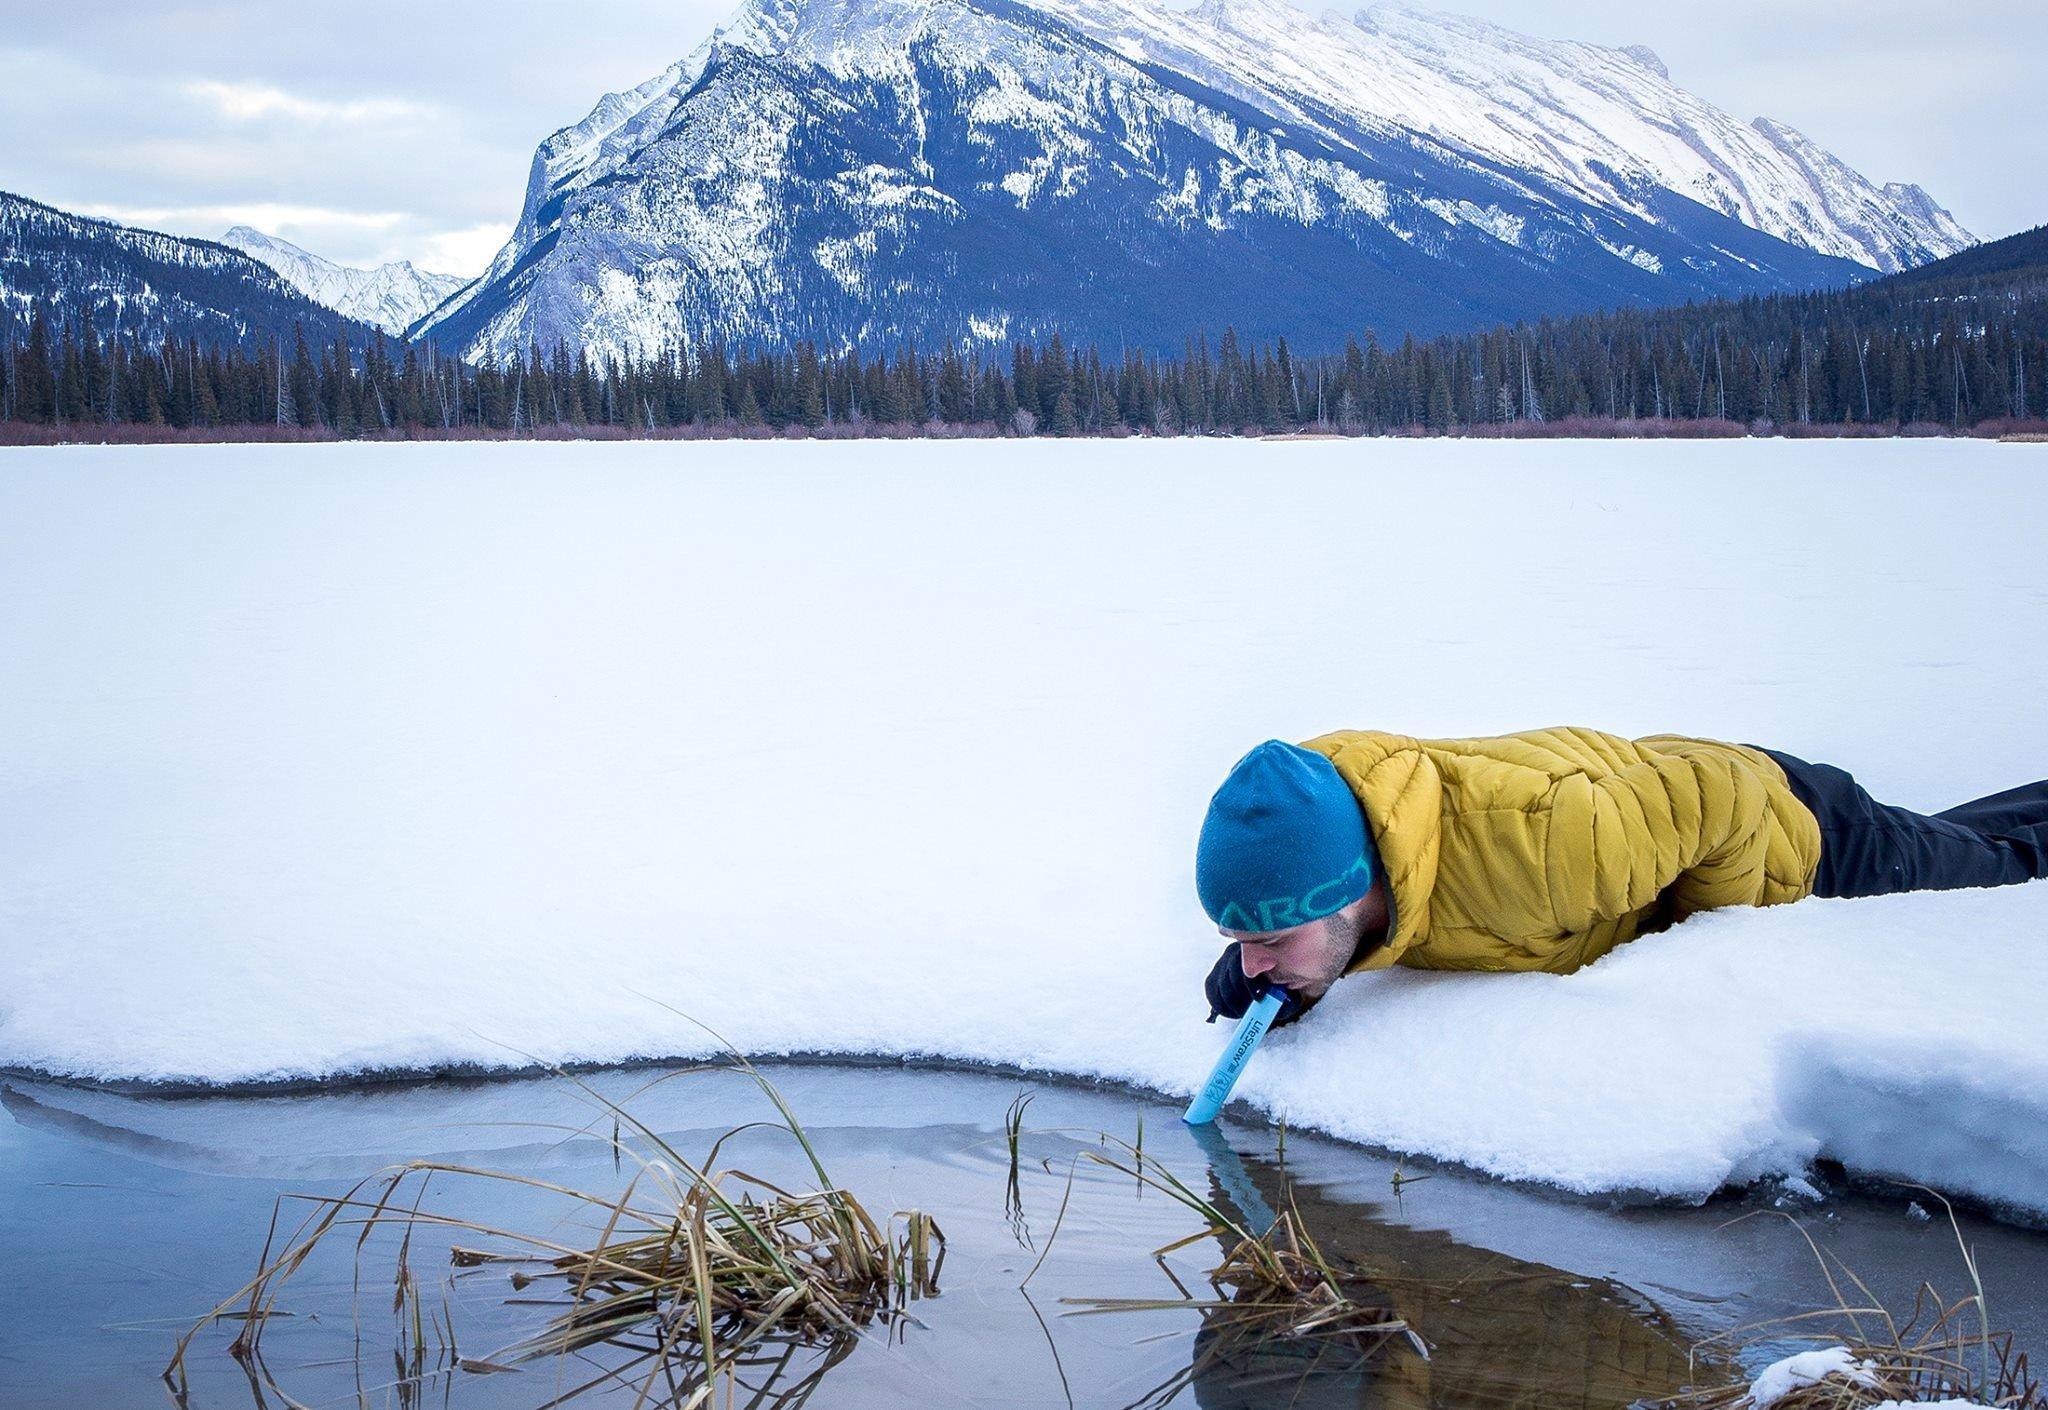 Mit demLifestraw kann man schmutziges Wasser wie durch einen Strohhalm trinken. Das Gerät säubert das Wasser weitestgehend.